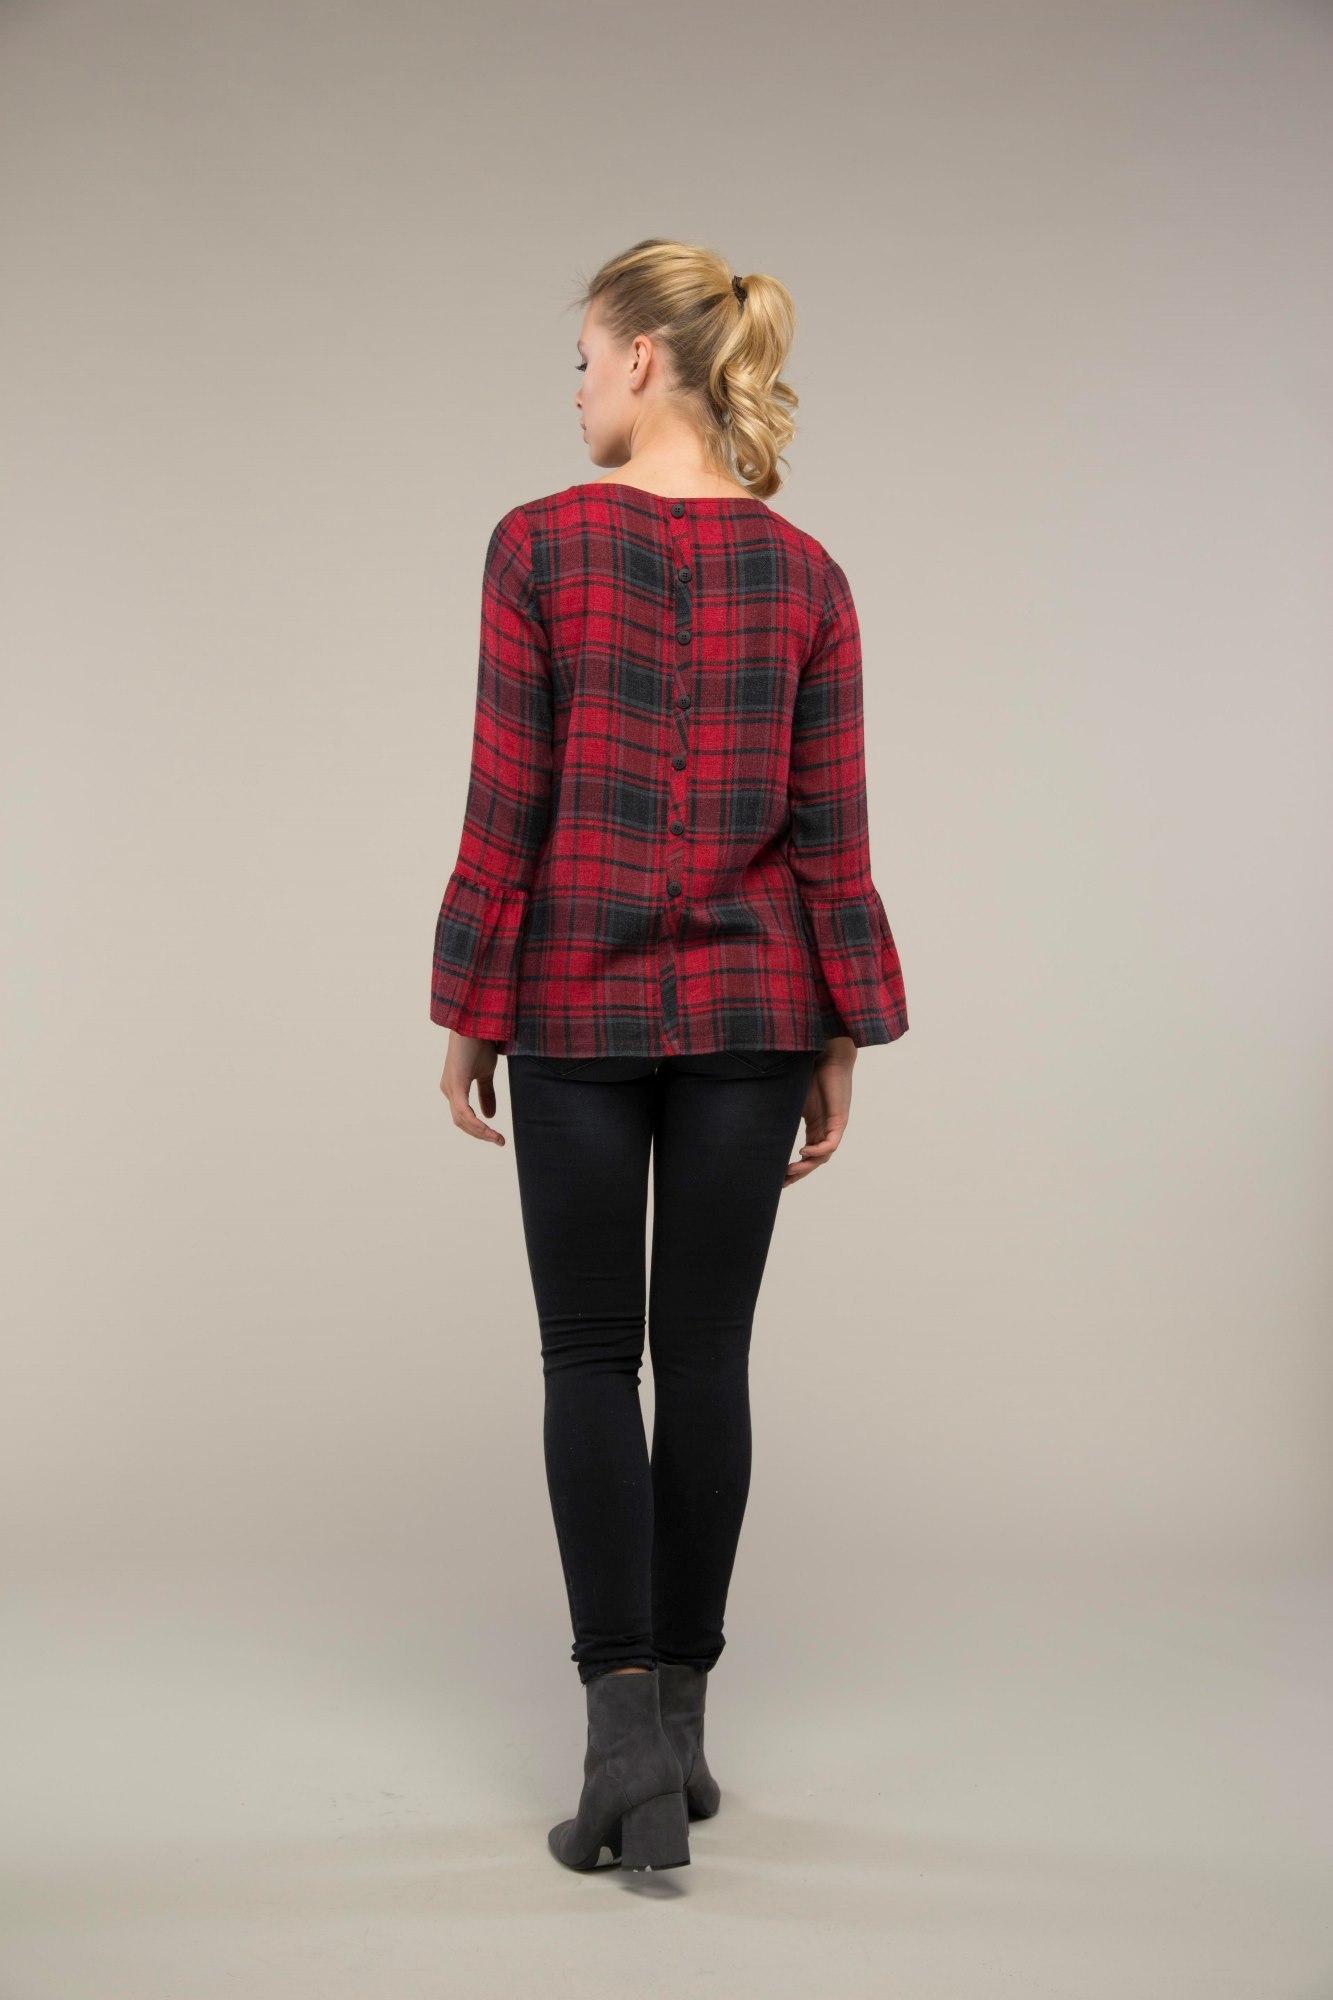 Фото джинсы-скинни для беременных GEBE, зауженные, , средняя посадка, широкий бандаж от магазина СкороМама, серый, размеры.